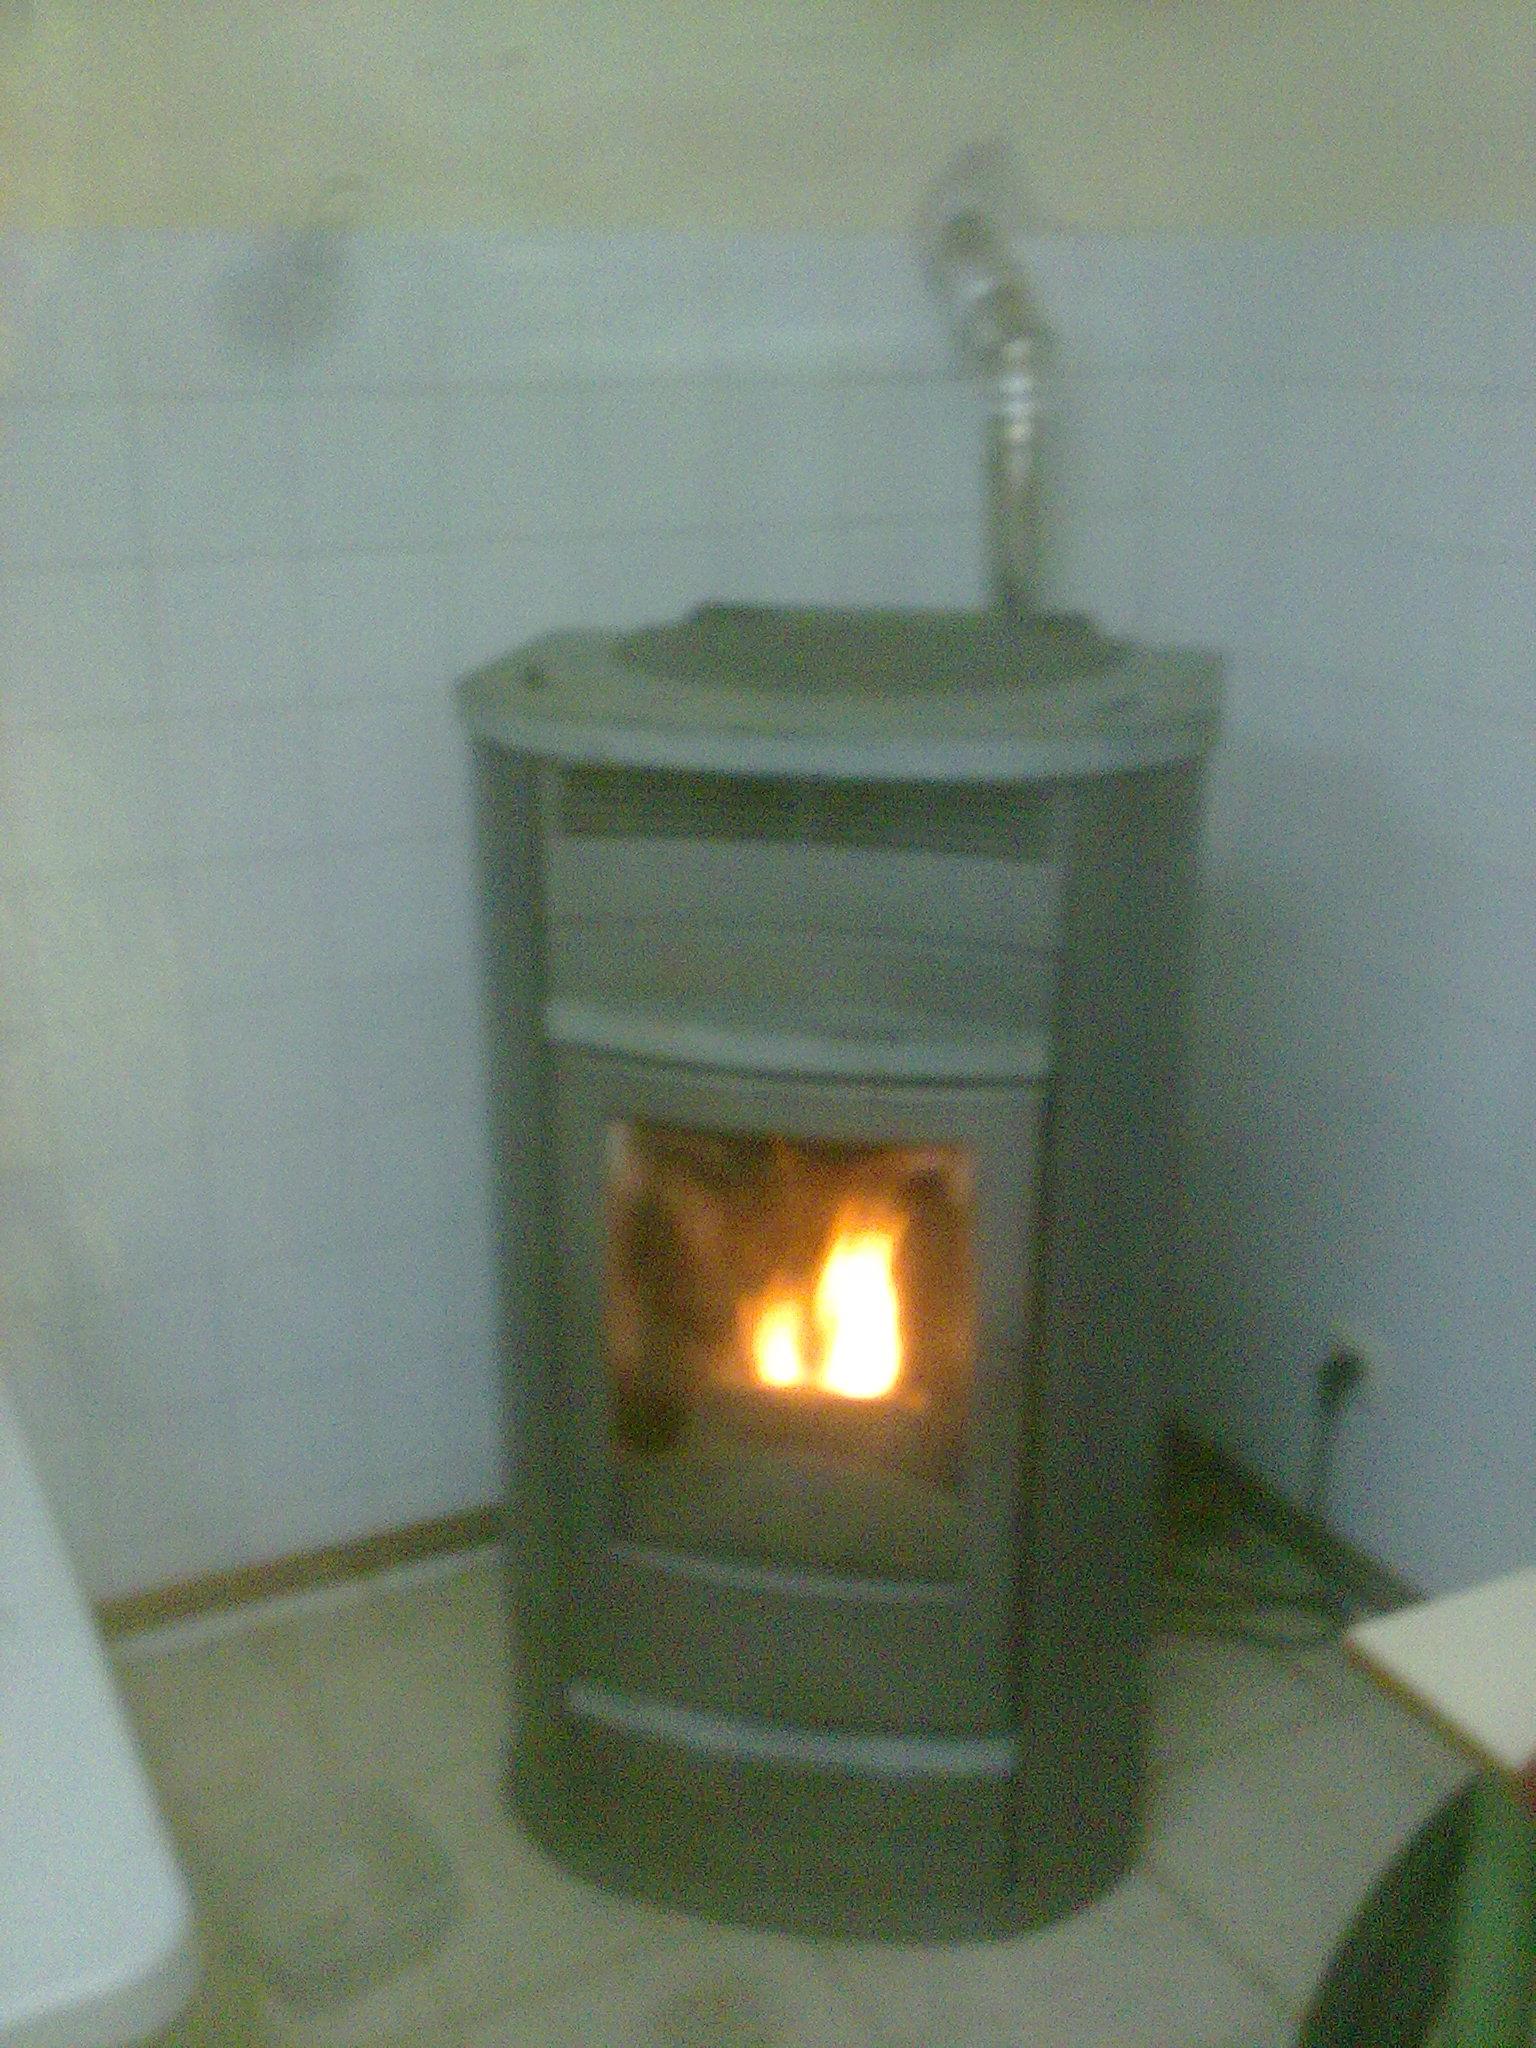 Biomasa gamon innovacion - Estufas de bioetanol calientan ...